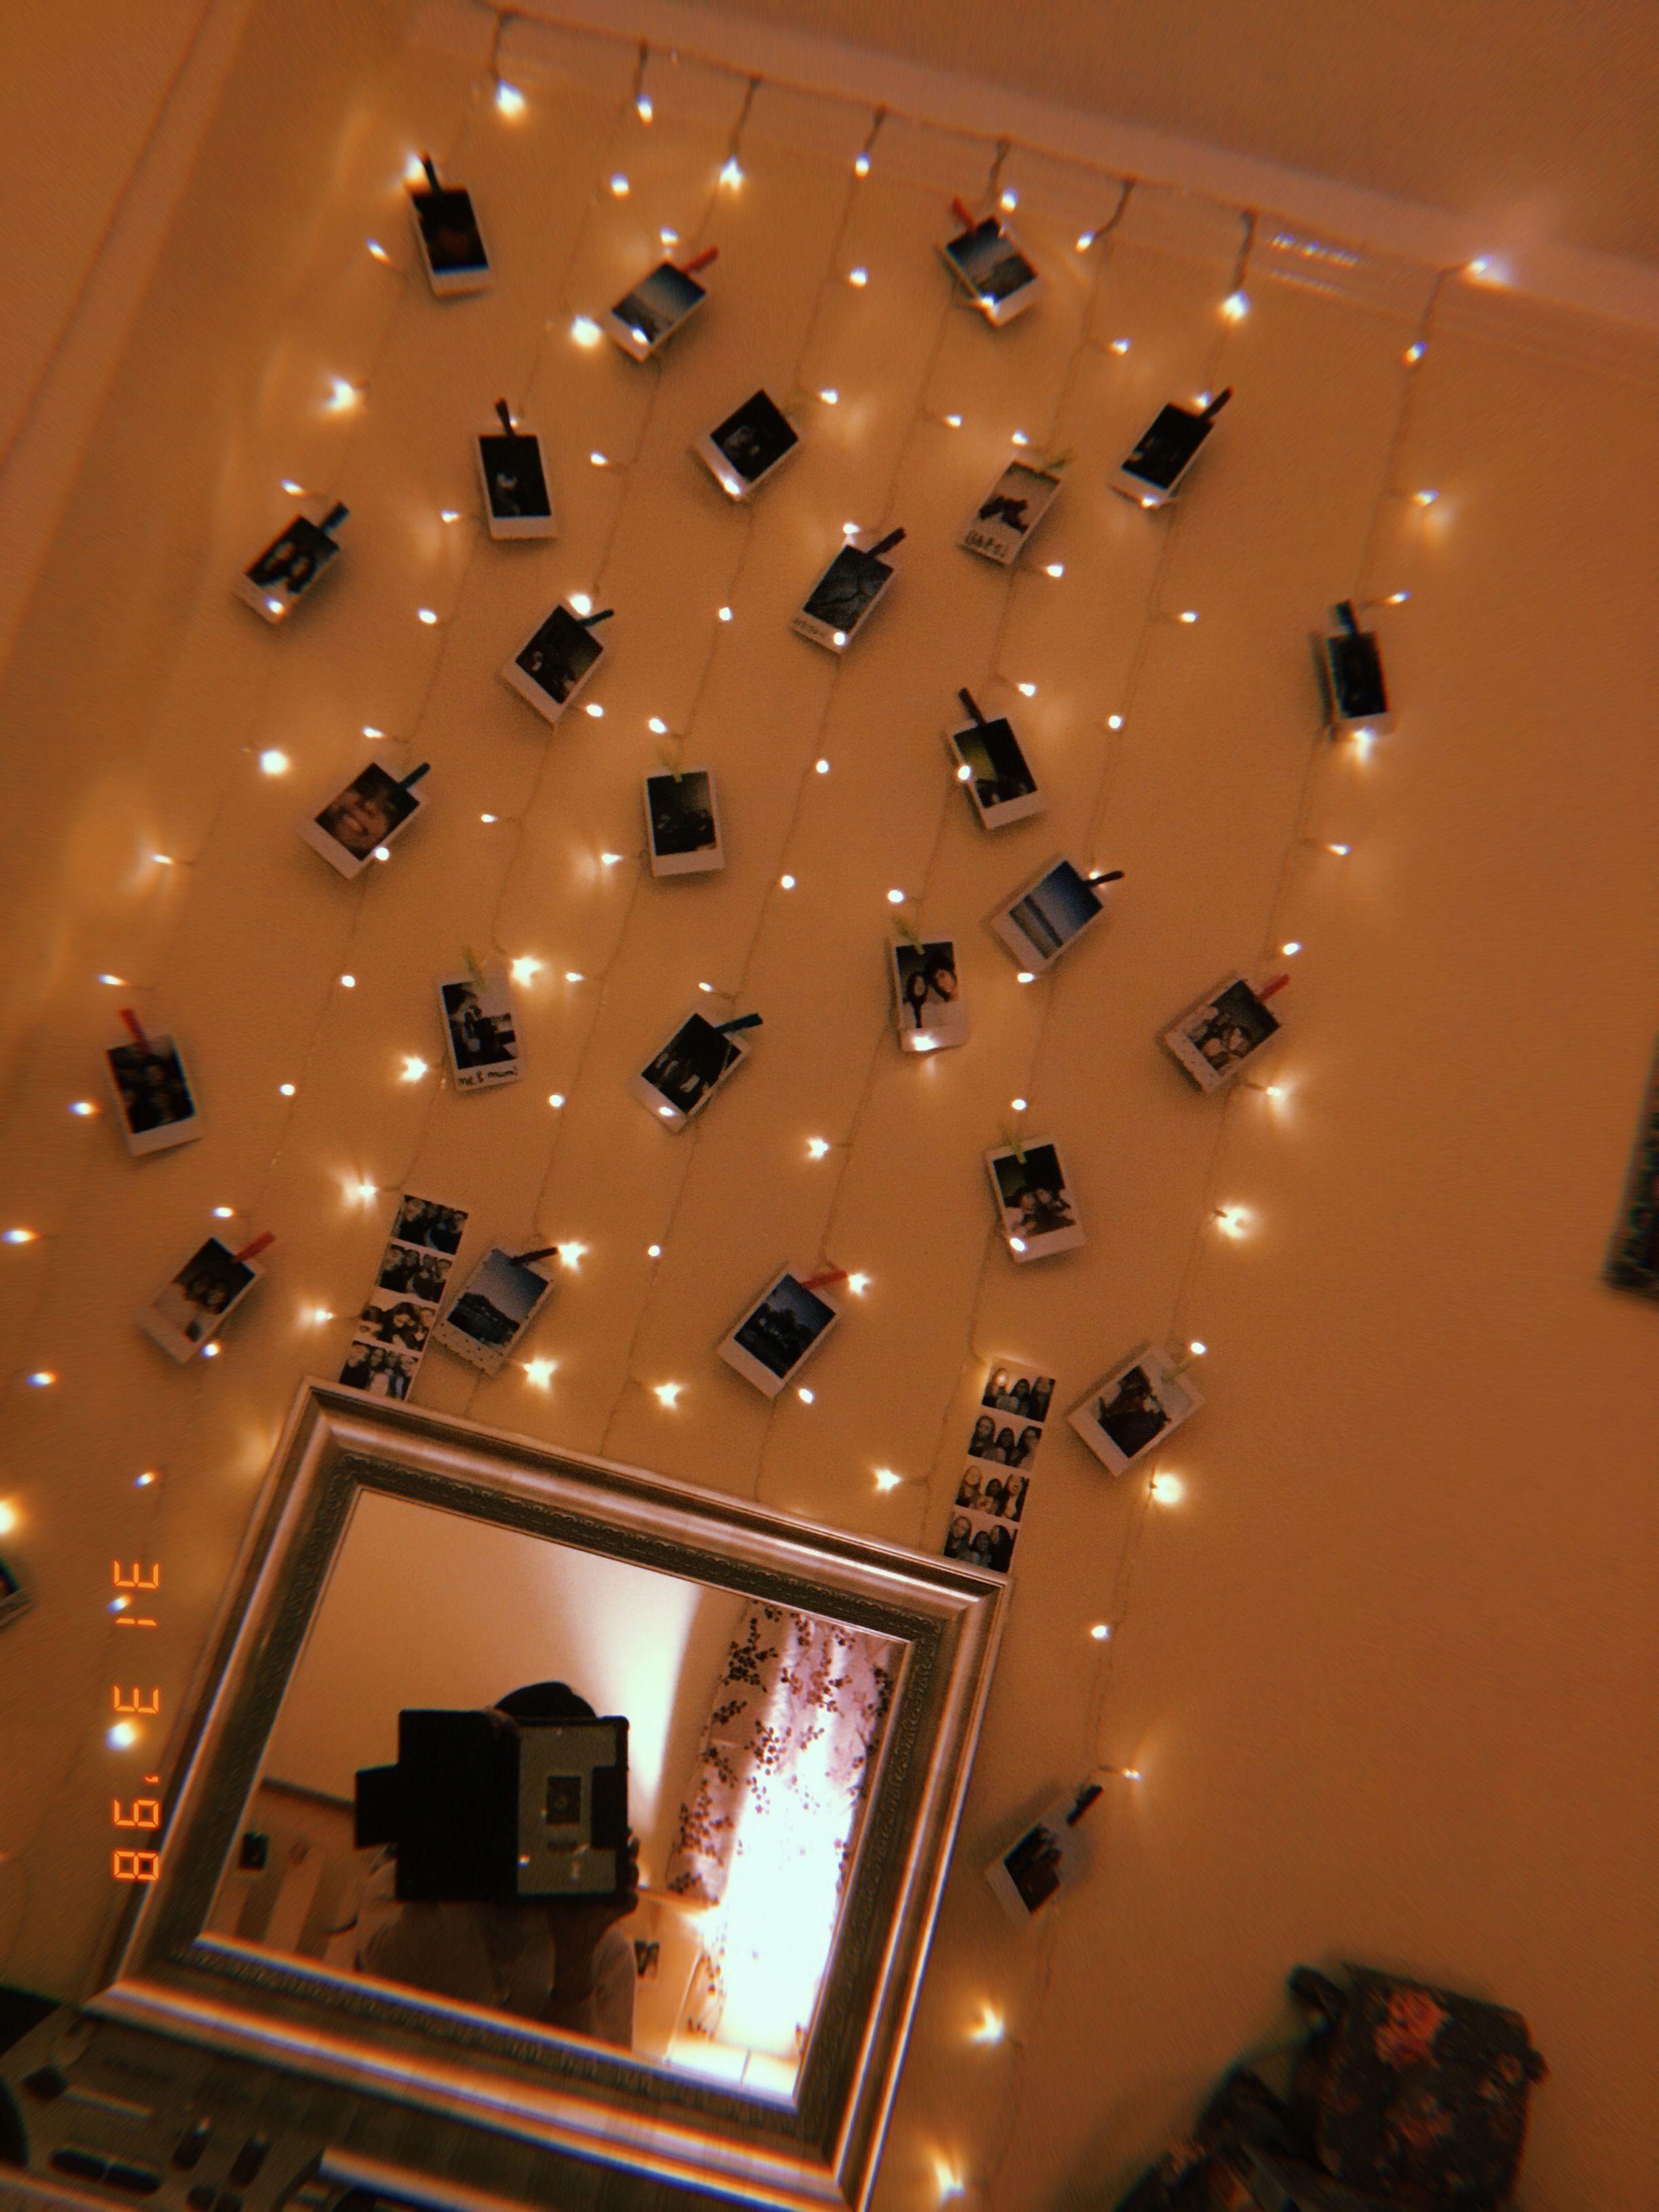 Fairy Lights Polaroid Display Tumblr Bedroom Aesthetic Decor